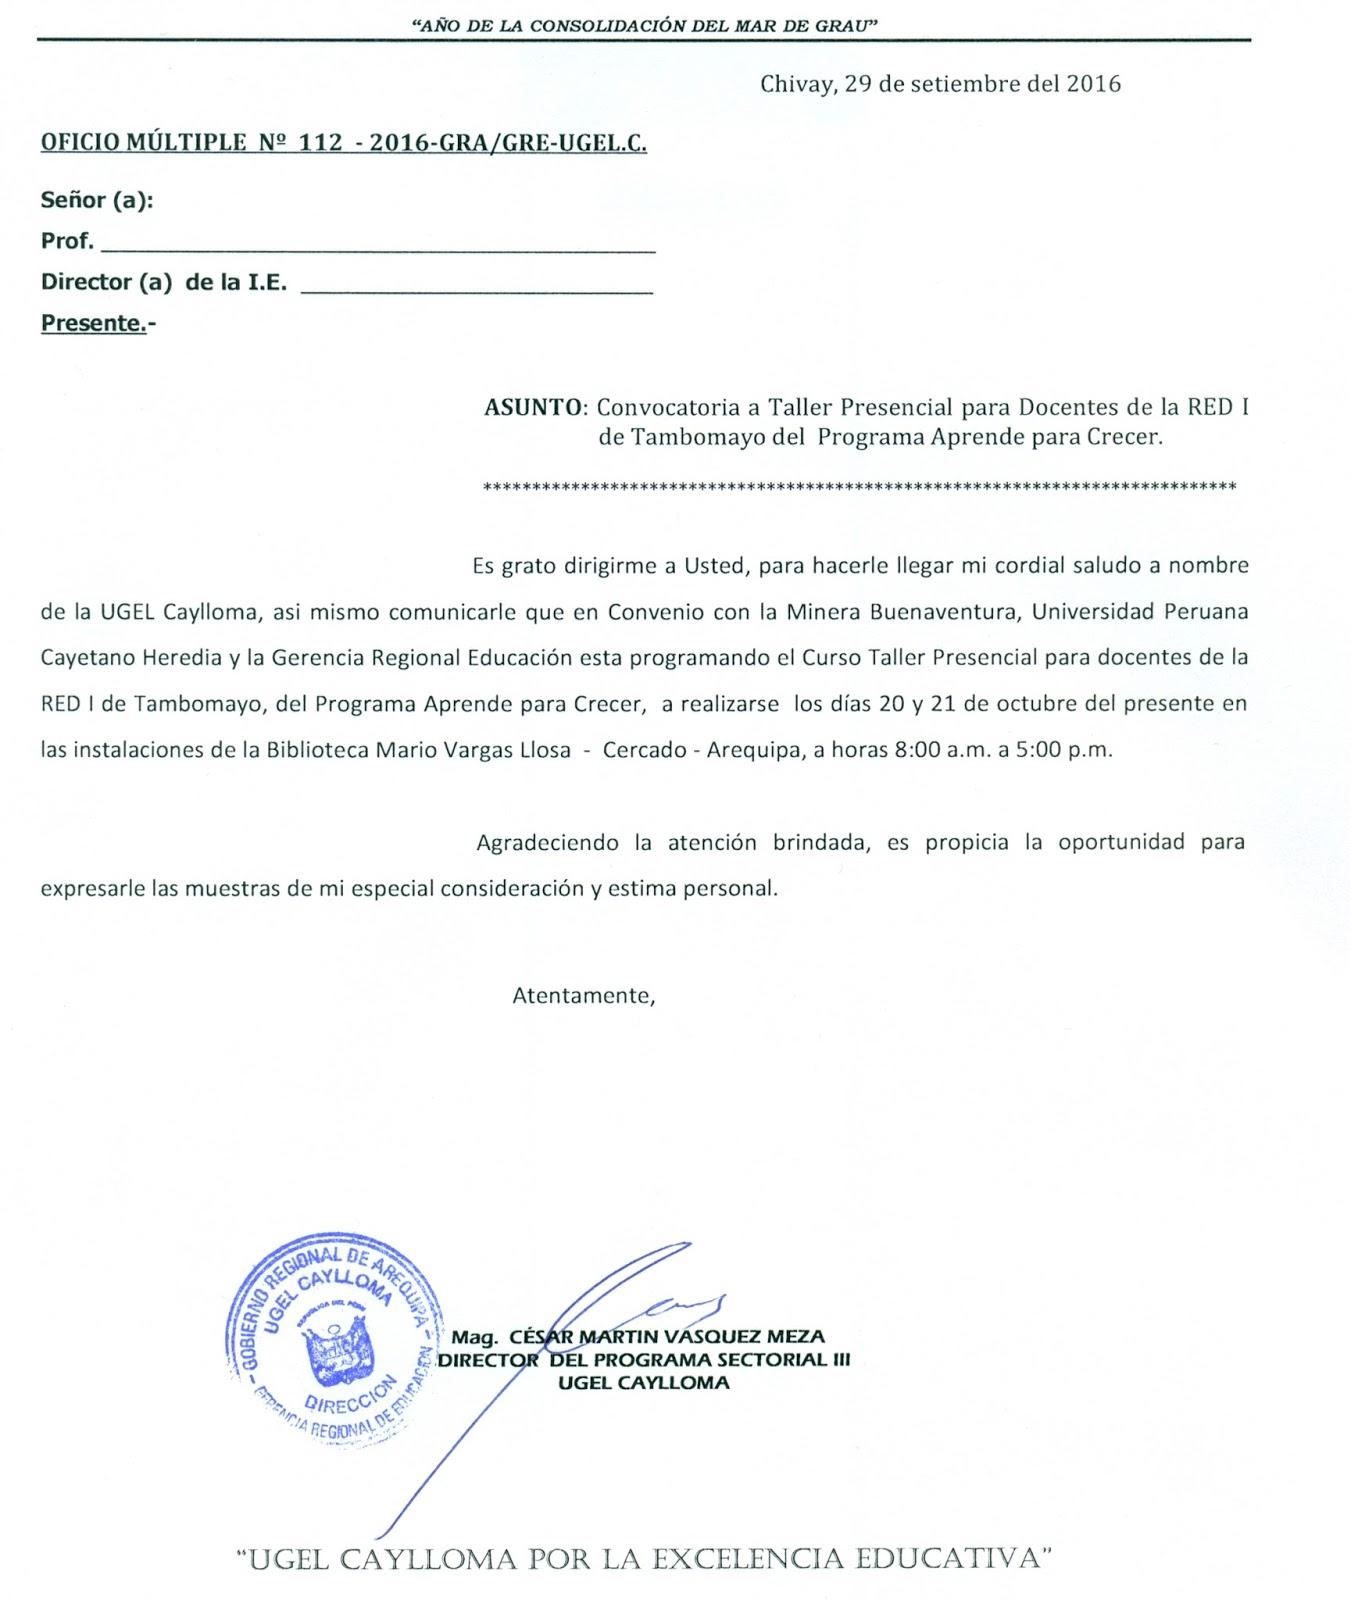 Convocatoria a taller presencial para docentes de la red i for Convocatoria de docentes 2016